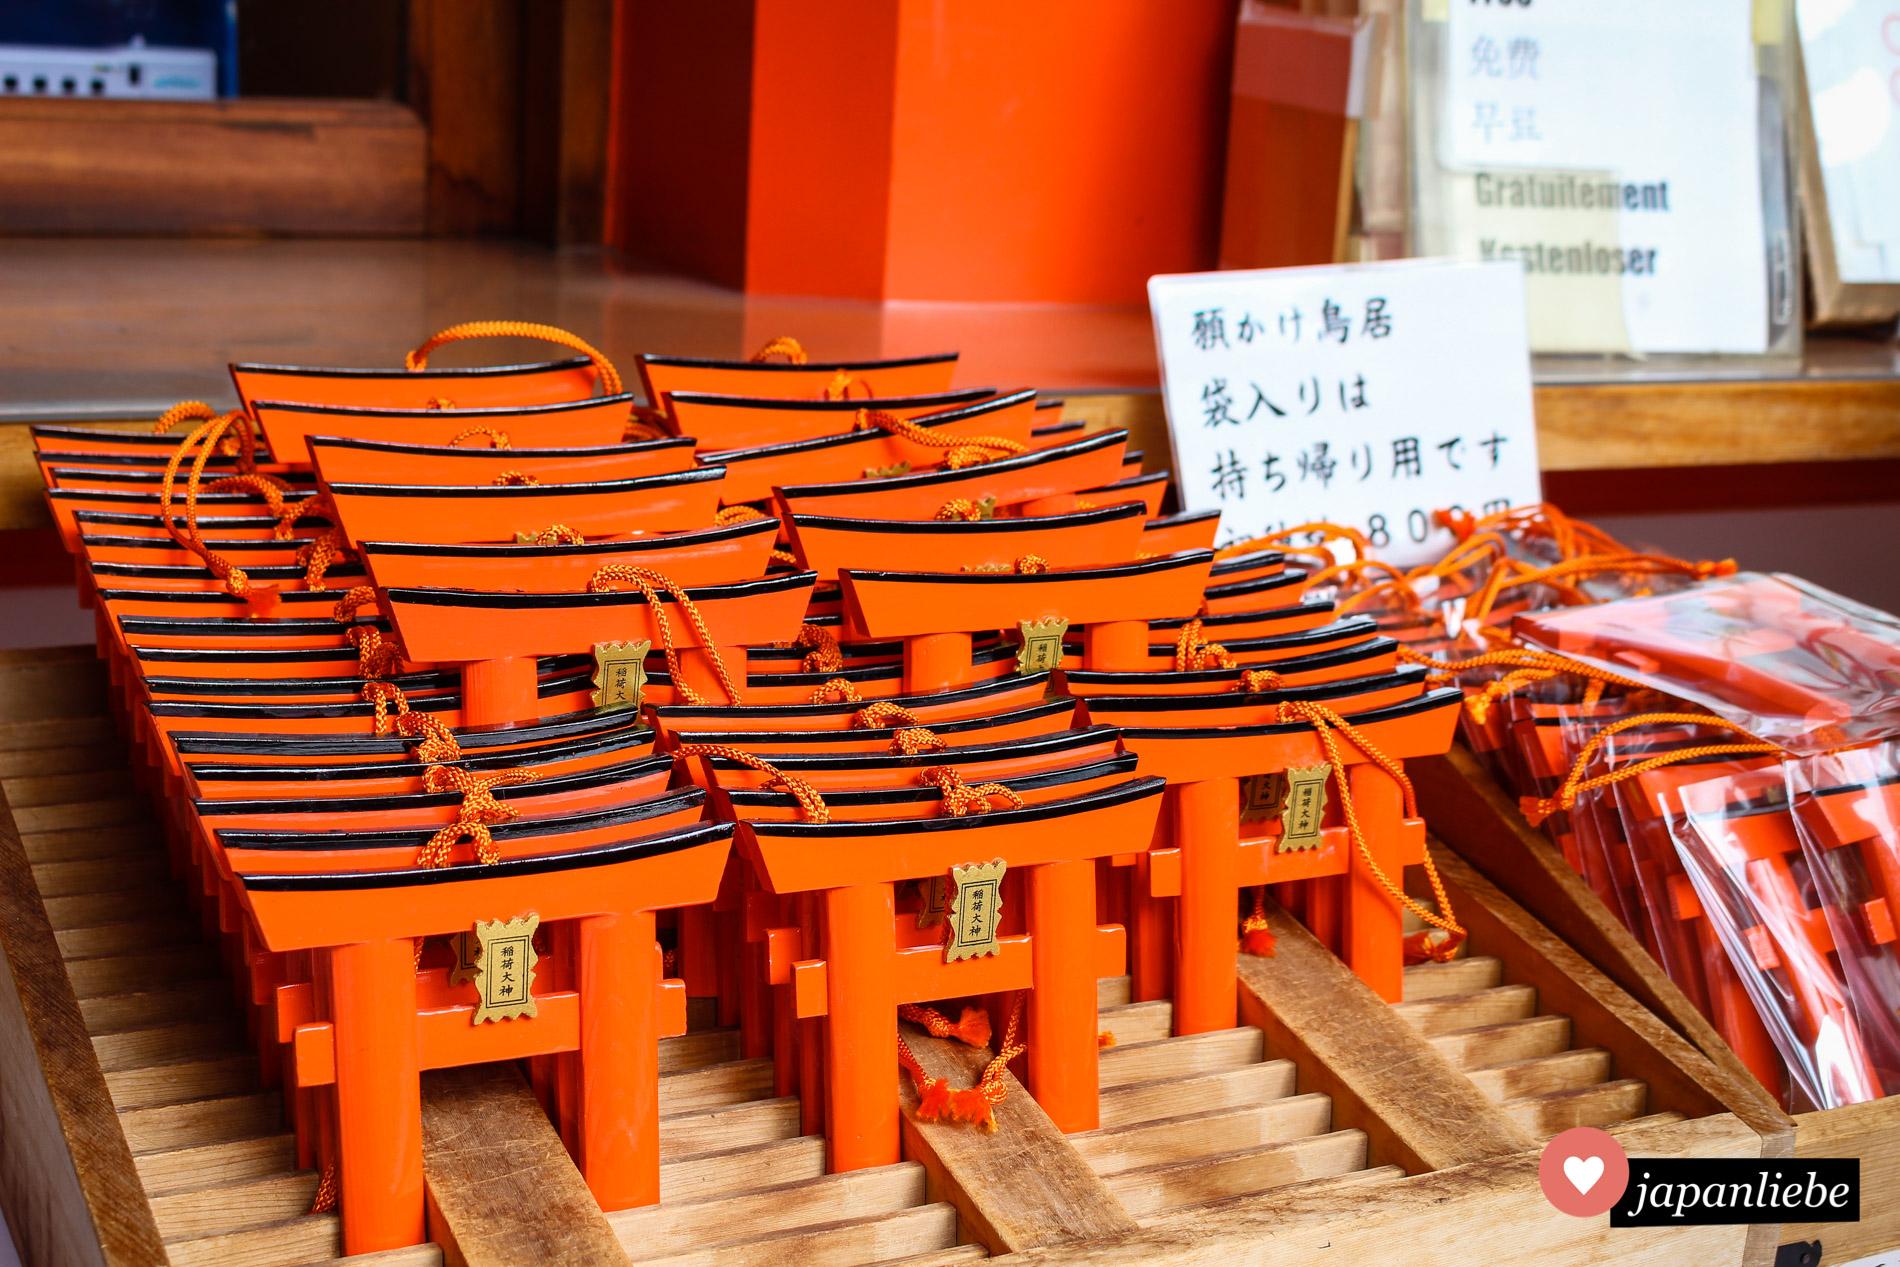 Für 800 Yen kann man am Fushimi Inari-taisha ein Miniatur-torii kaufen und mit seinen Wünschen beschriften.